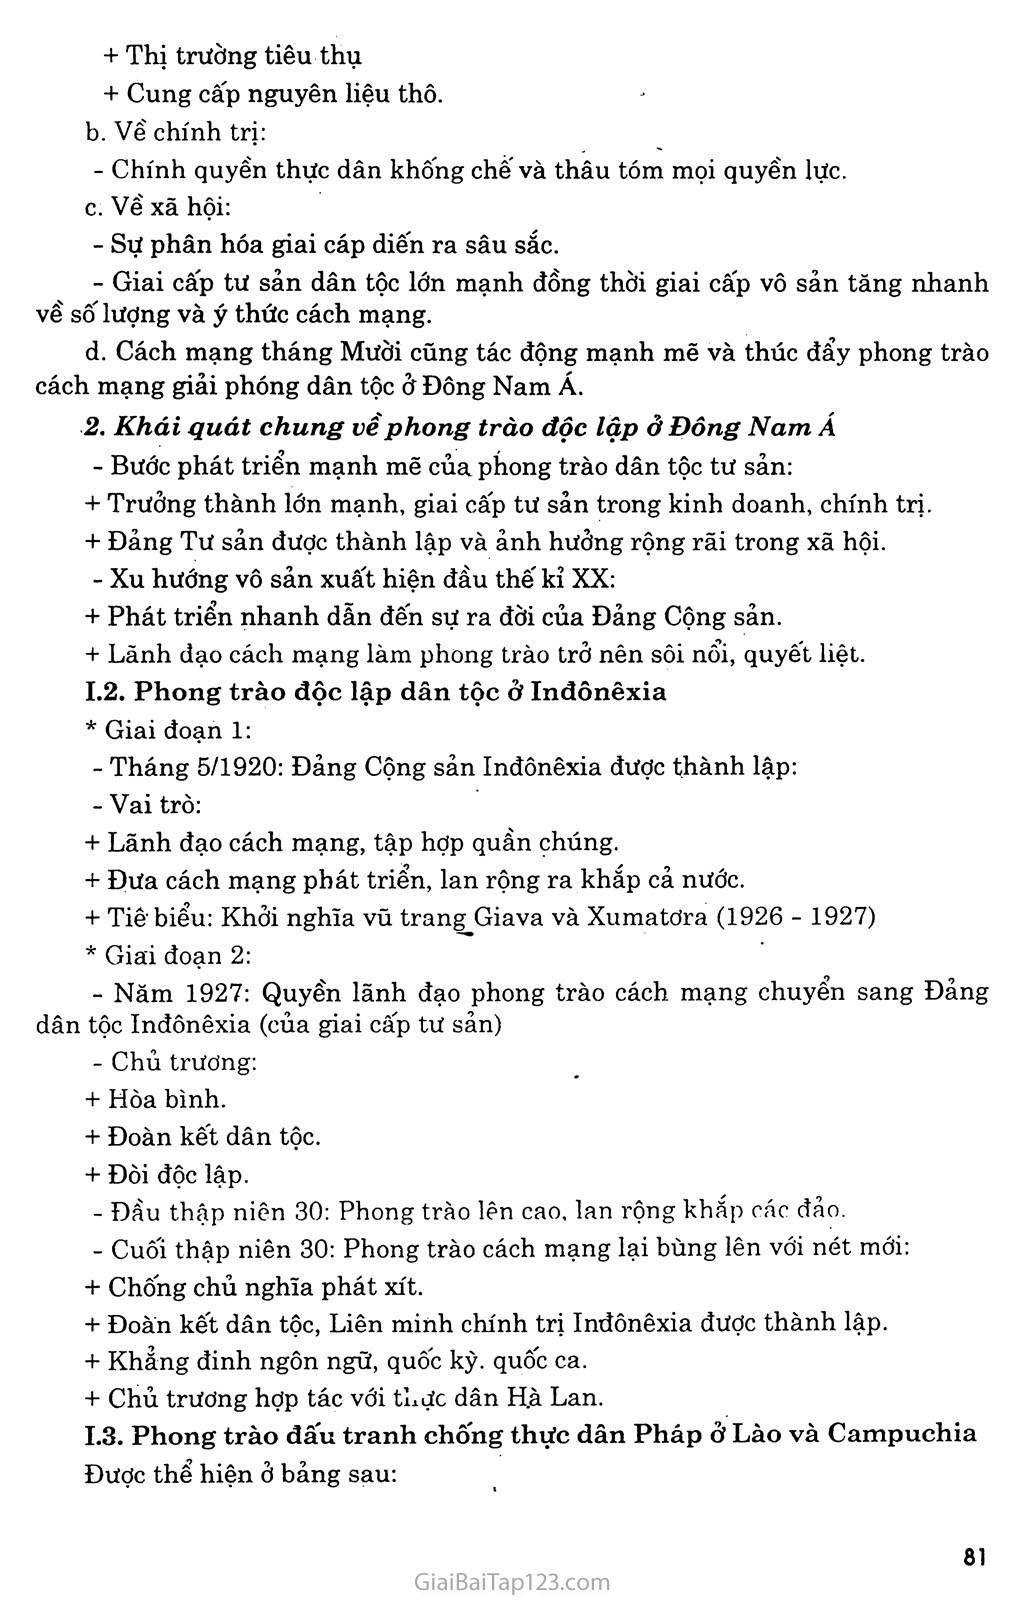 Bài 16: Các nước Đông Nam Á giữa hai cuộc chiến tranh thế giới (1918 - 1939) trang 2